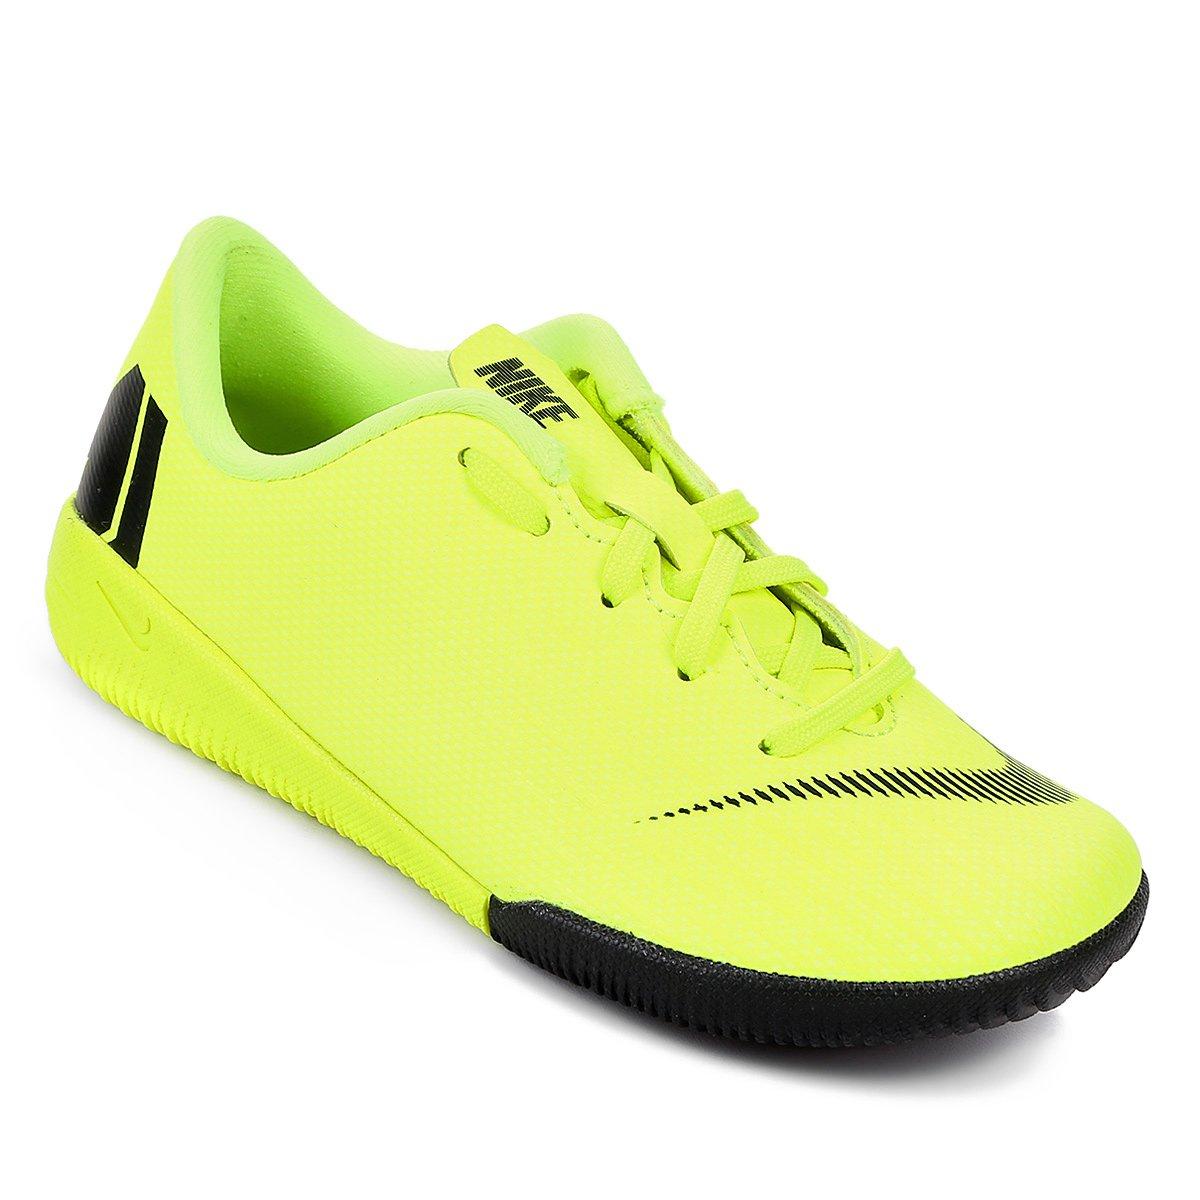 2a0a4477b42e3 Chuteira Futsal Infantil Nike Mercurial Vapor 12 Academy - Amarelo e Preto  | Shop Timão